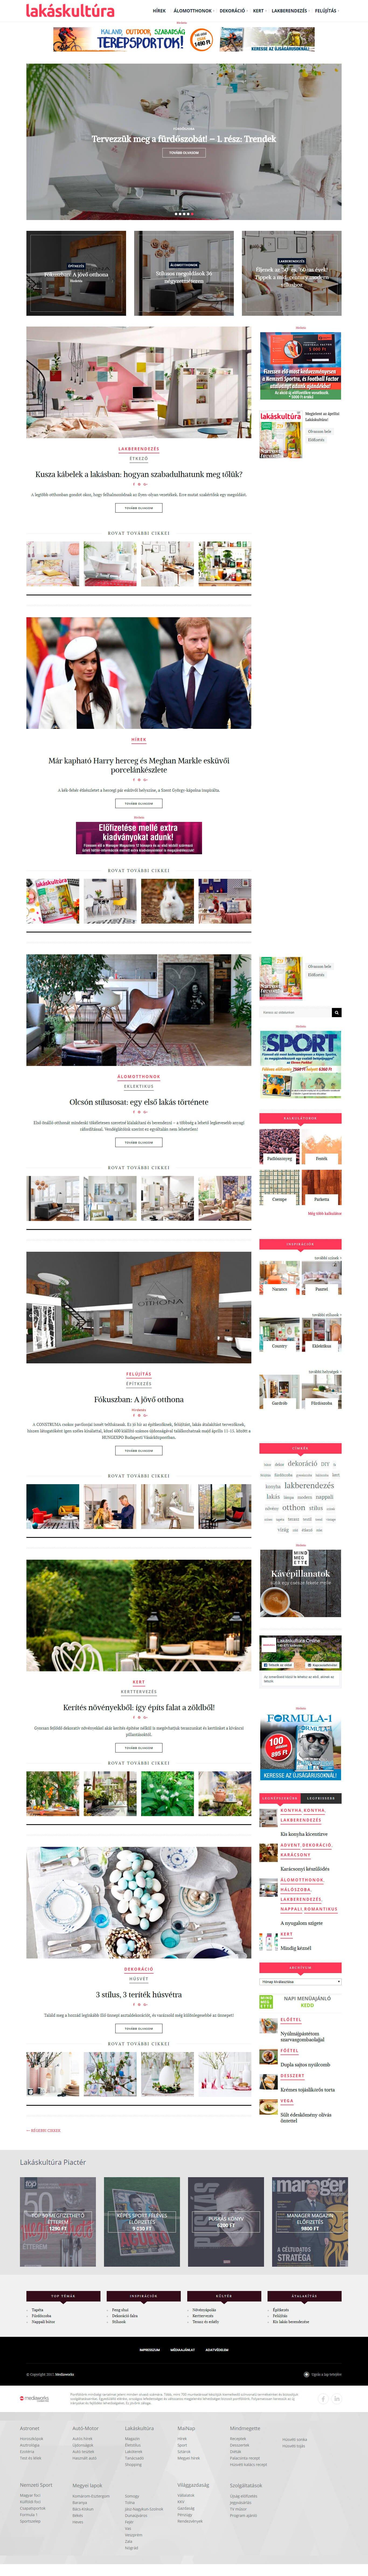 """Дизайн-проект """"Филиград"""" на главной странице венгерского портала lakaskultura"""